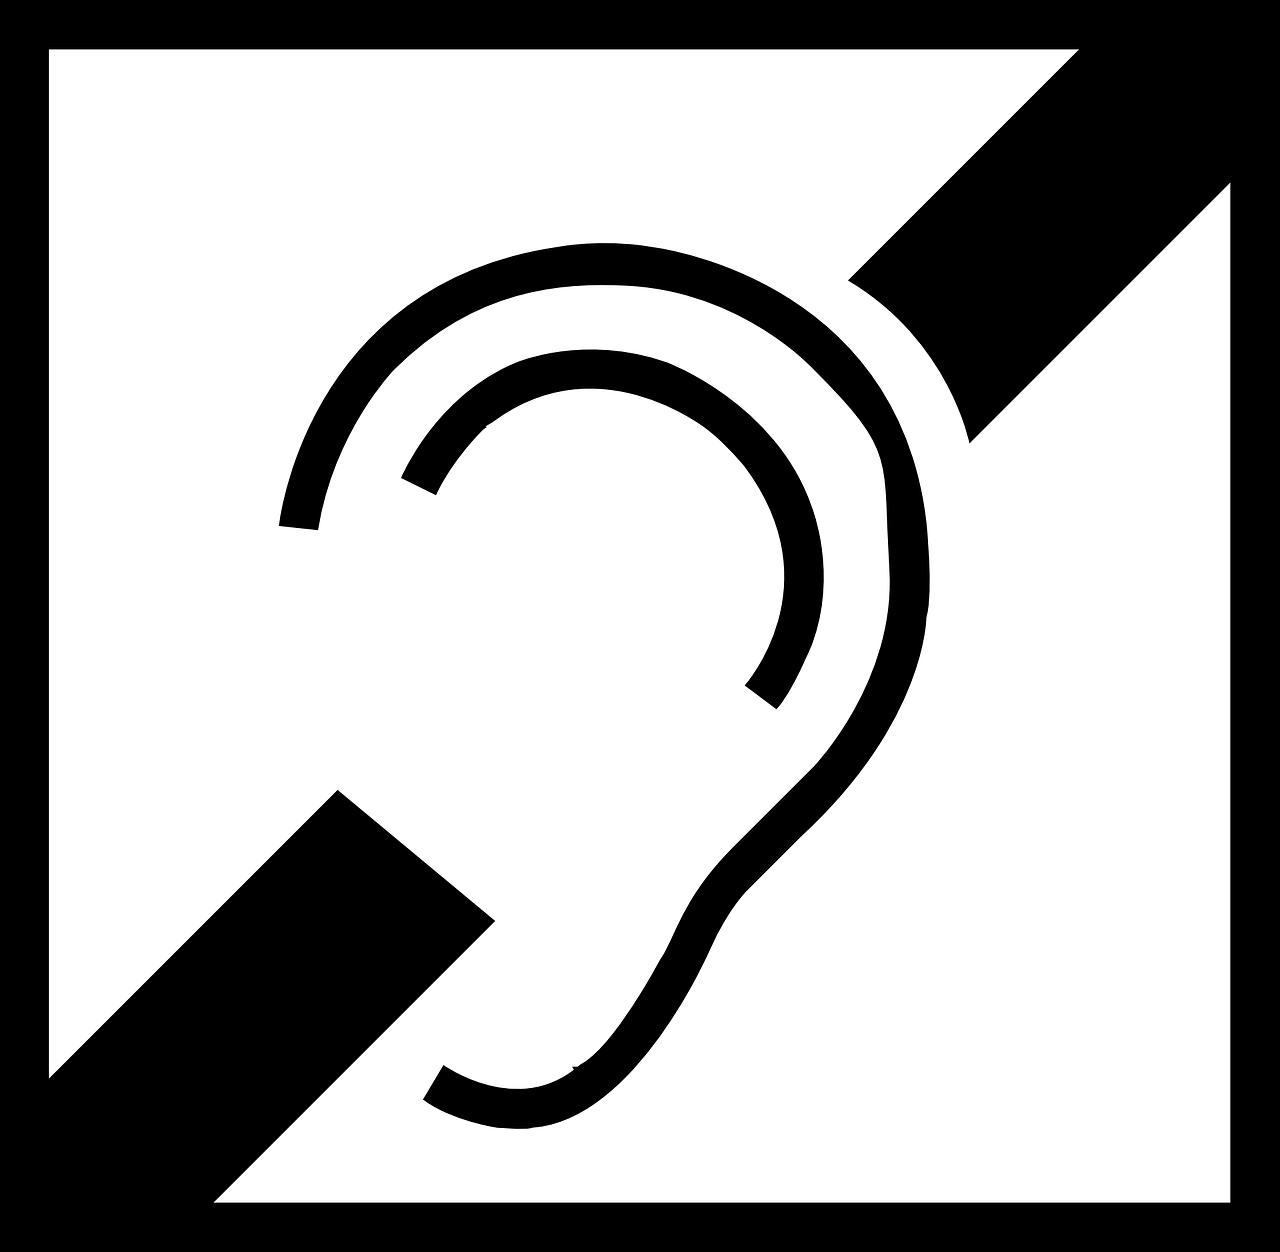 Semnul pentru deficiente de auz